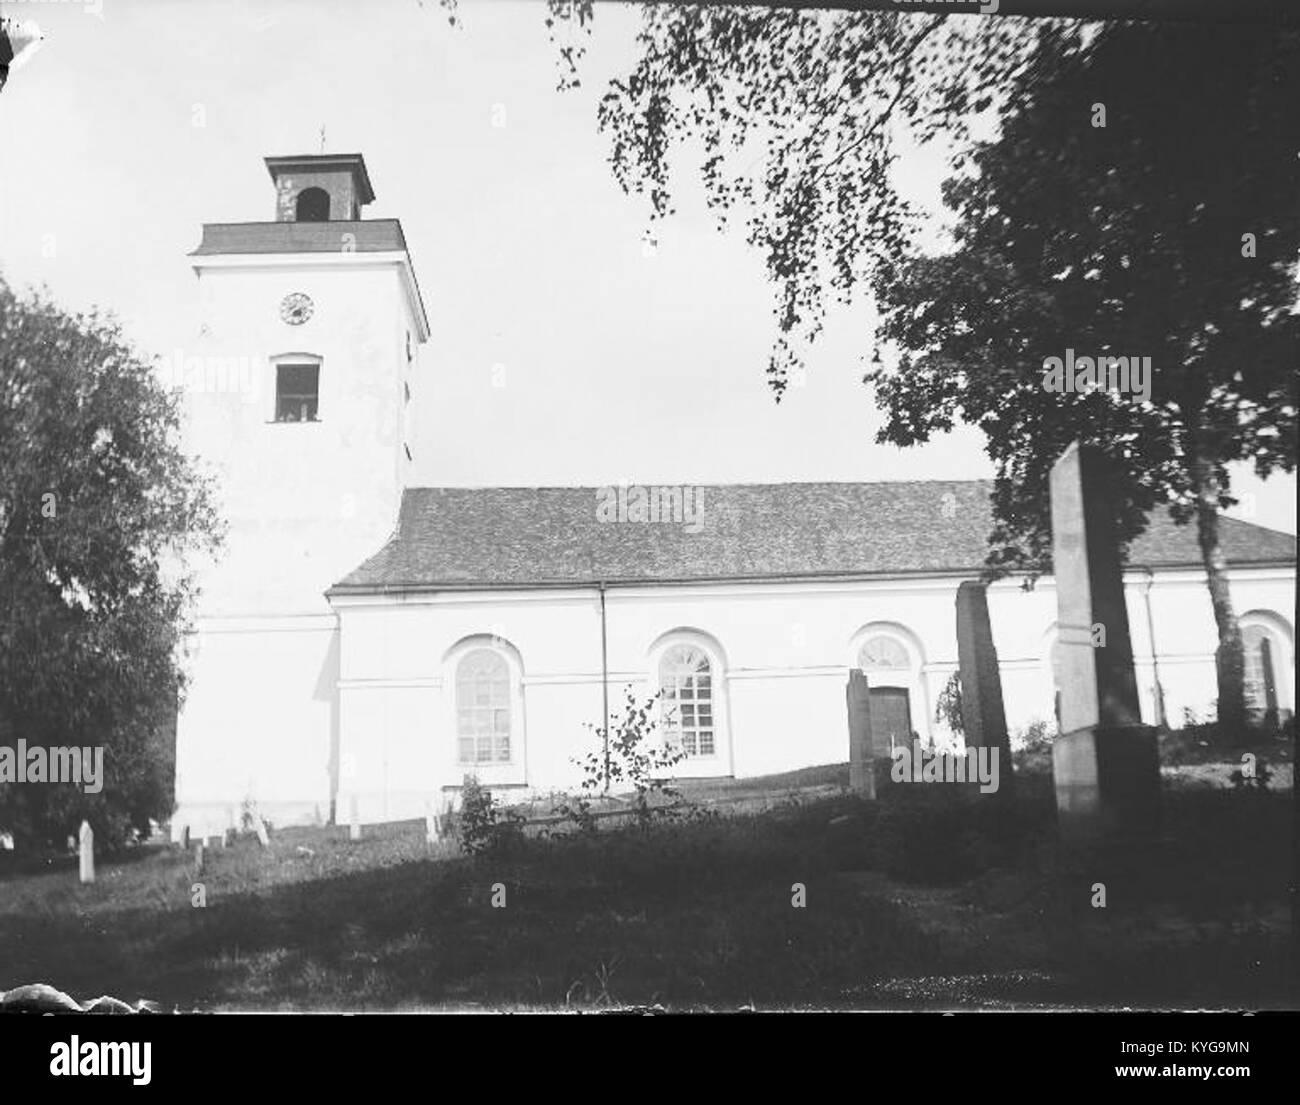 Rådmansö kyrka - KMB - 16000200127790 Banque D'Images